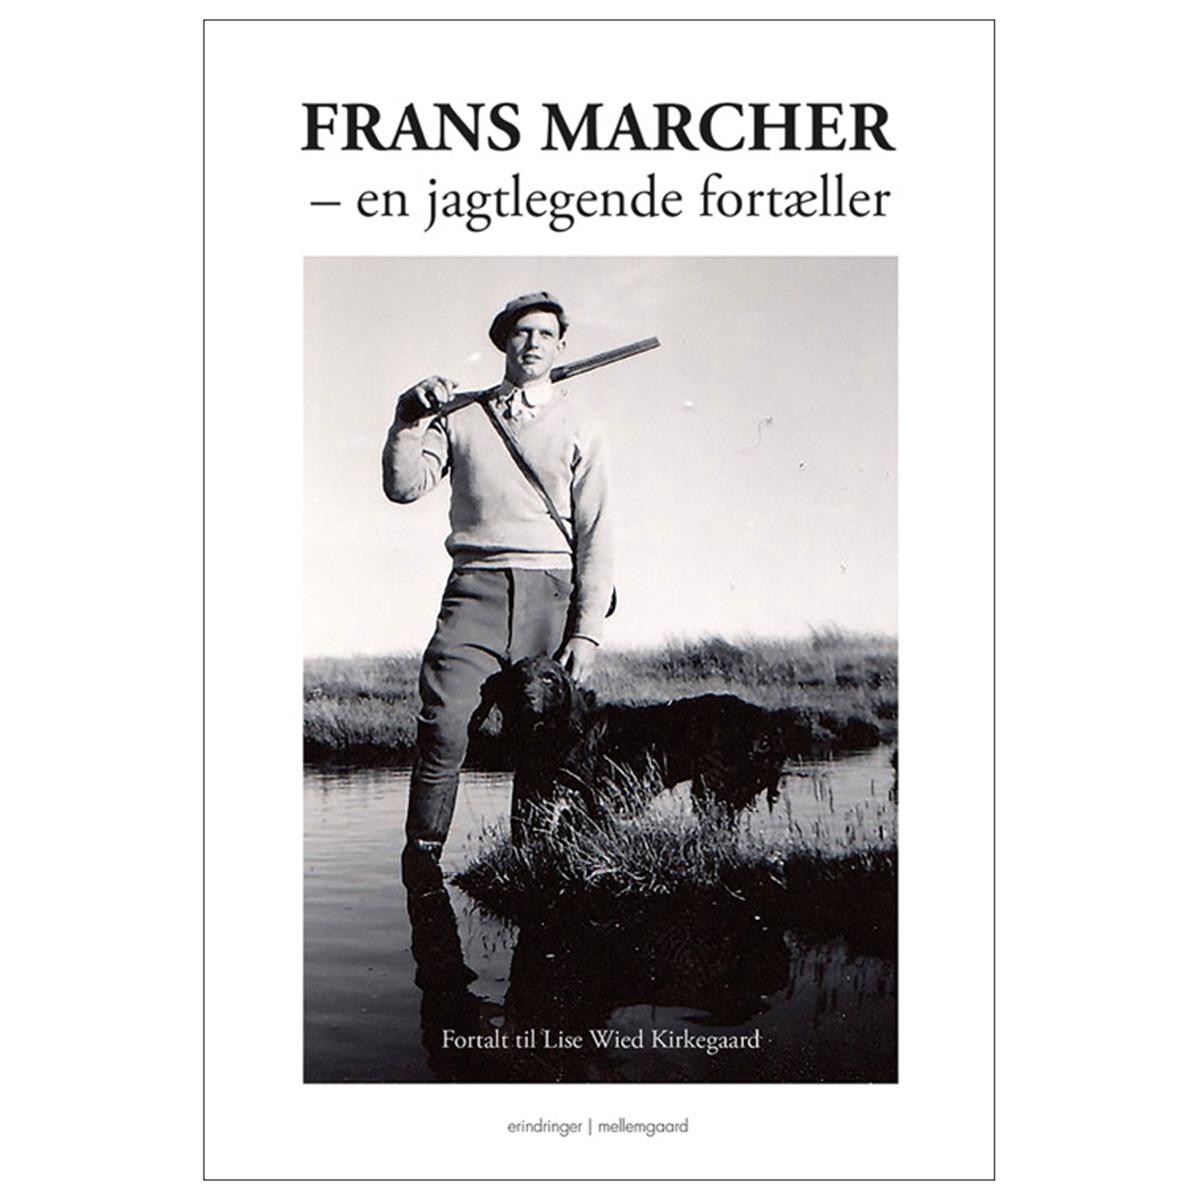 Frans Marcher - En jagtlegende fortæller - Hæftet